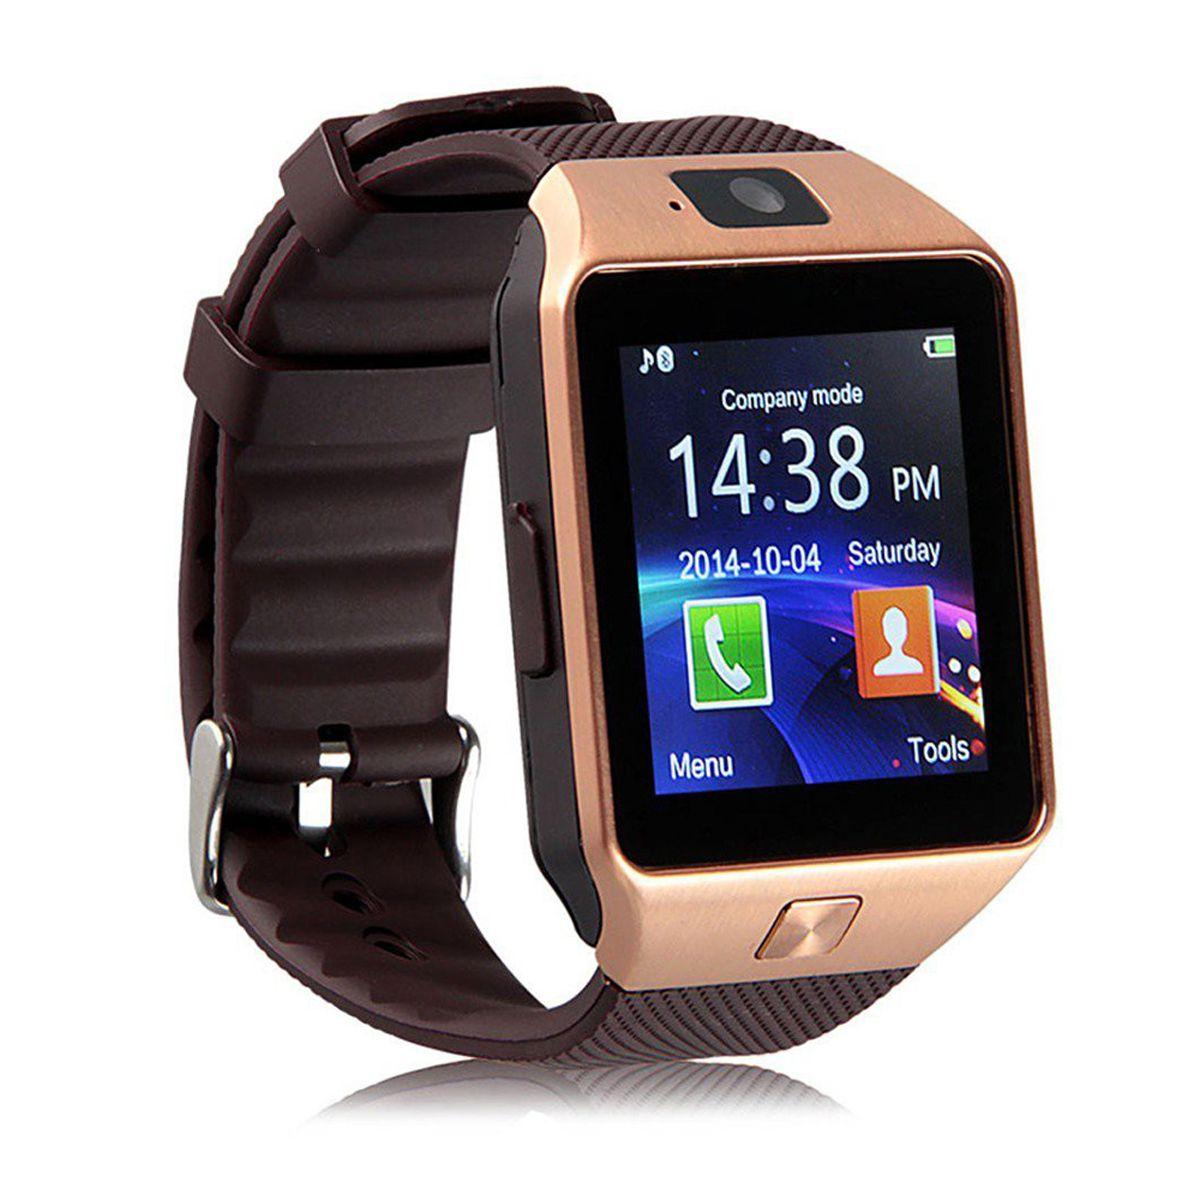 Bastex Smartwatch Suited LG G Flex Dz09 Golden Smart Watches